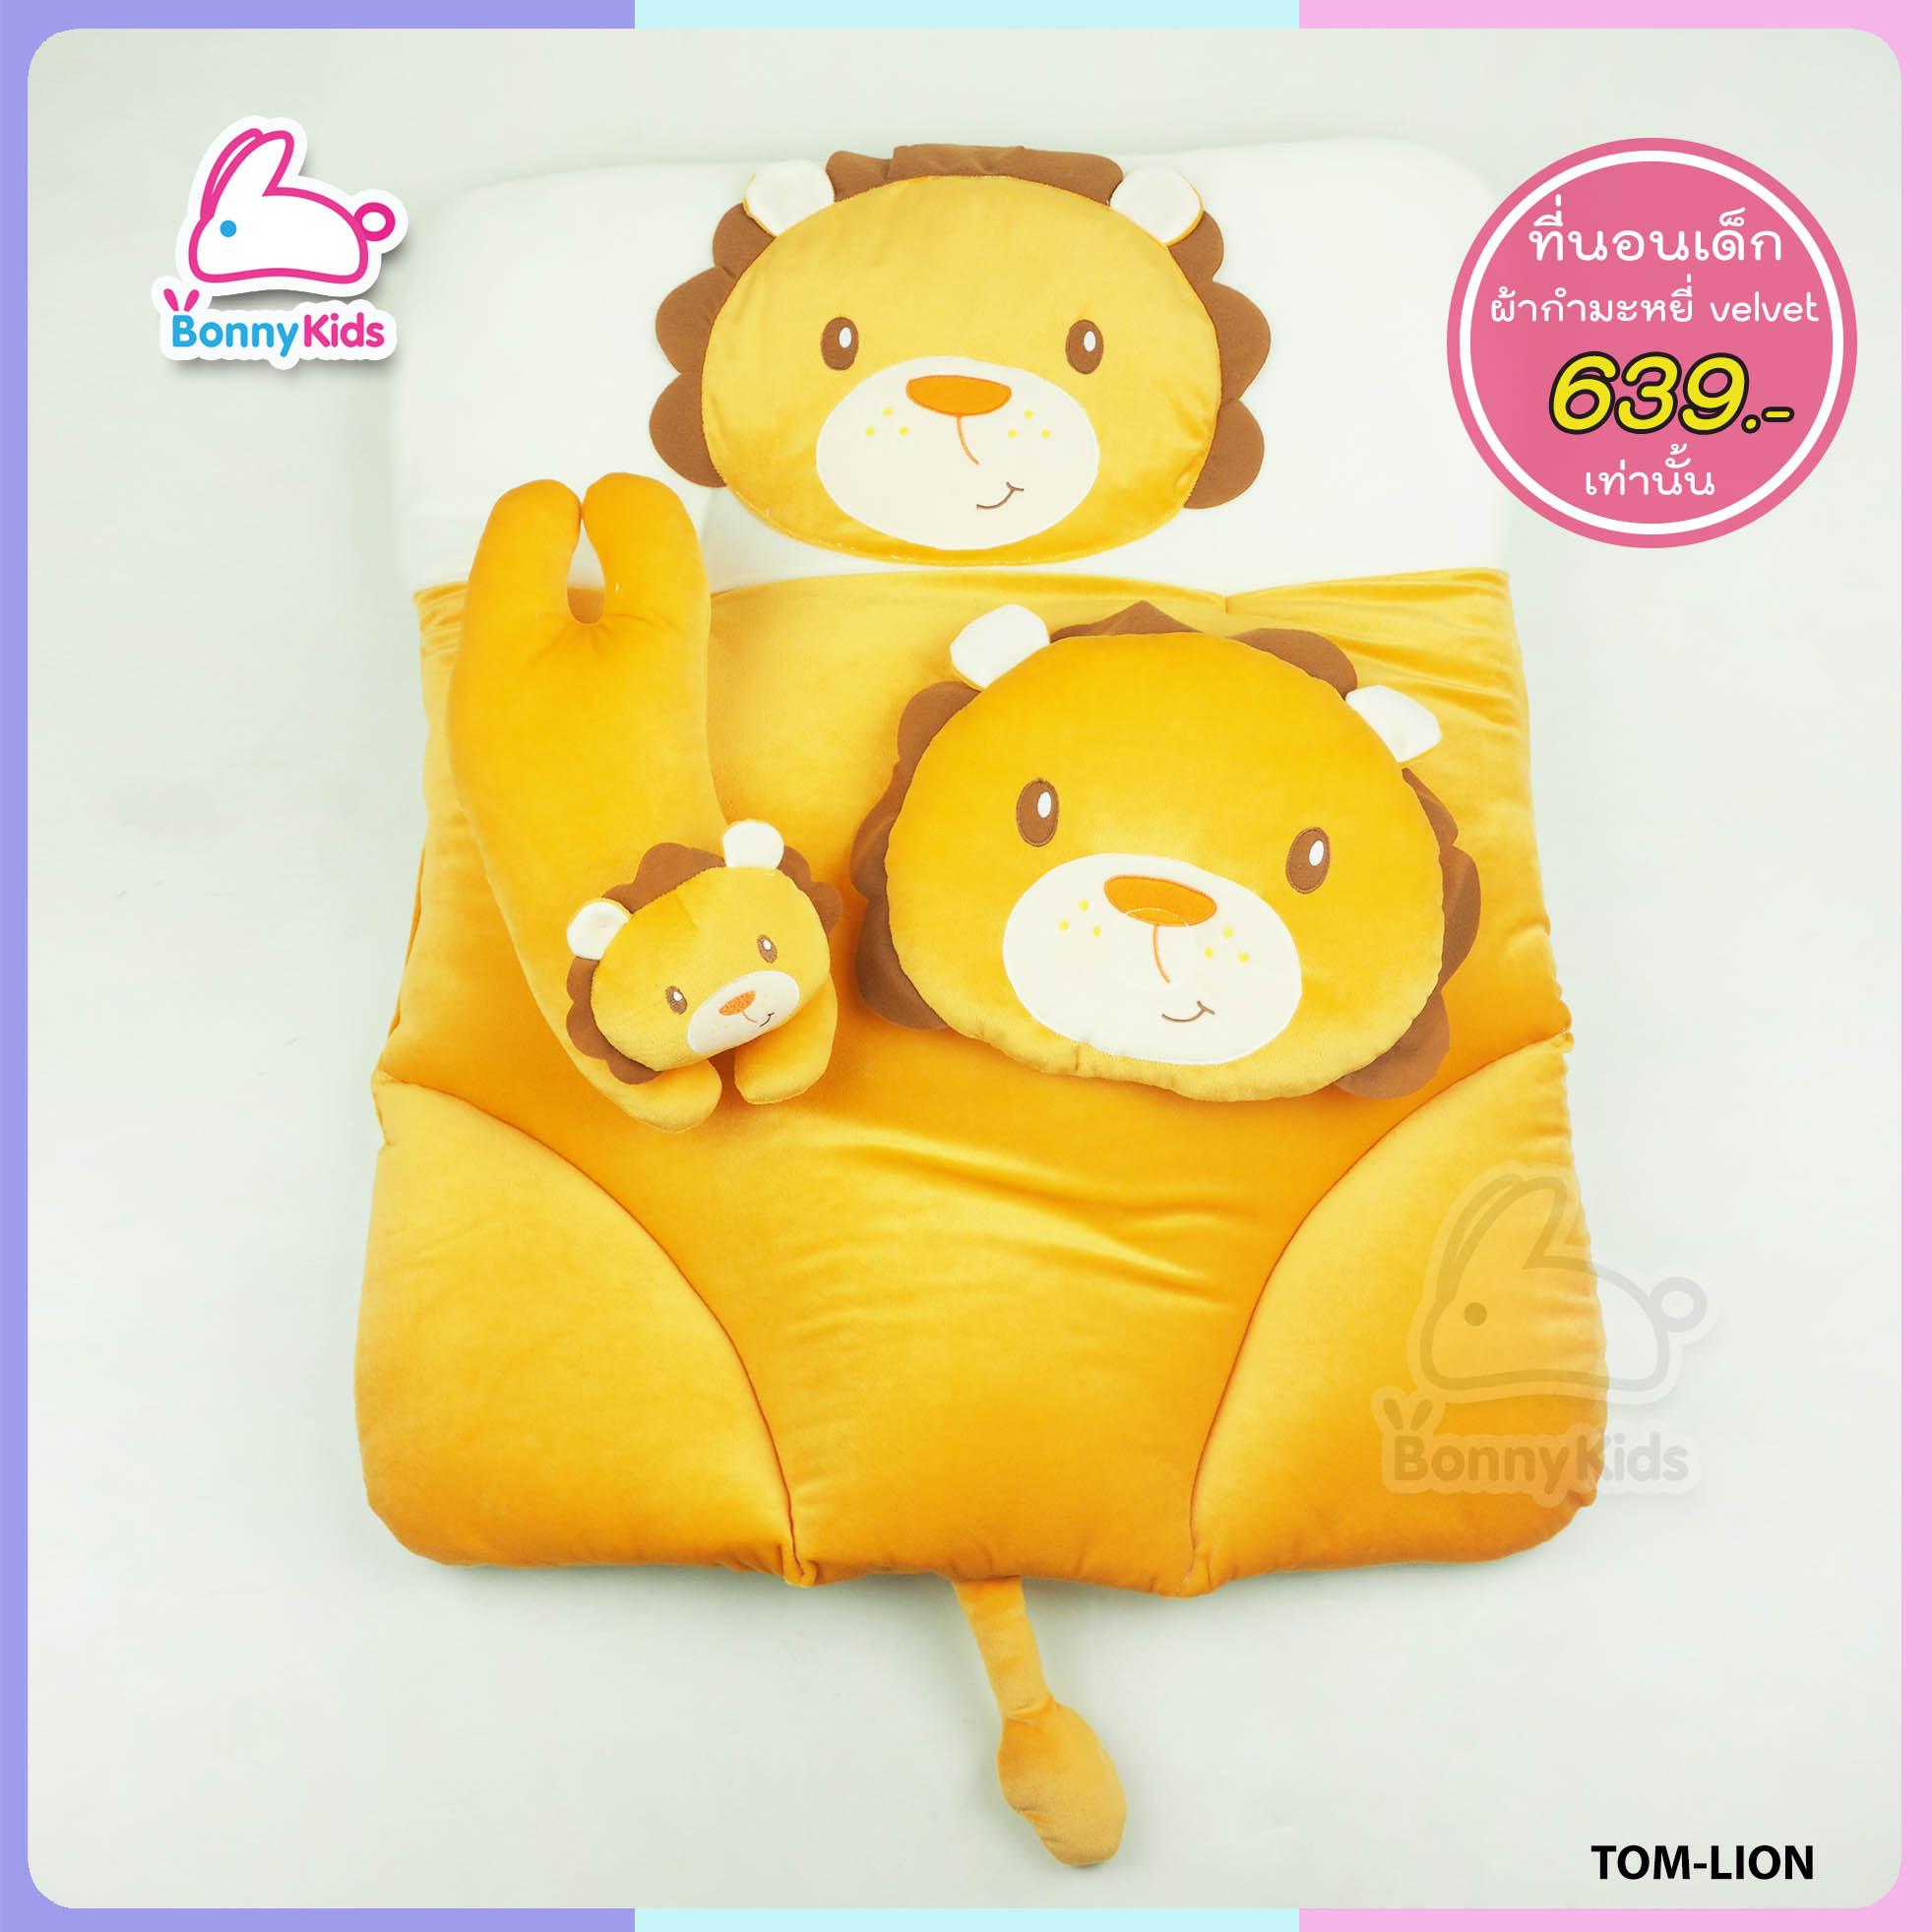 ที่นอนเด็กอ่อน ผ้ากำมะหยี่ Velvet รูปสิงโตแสนน่ารัก